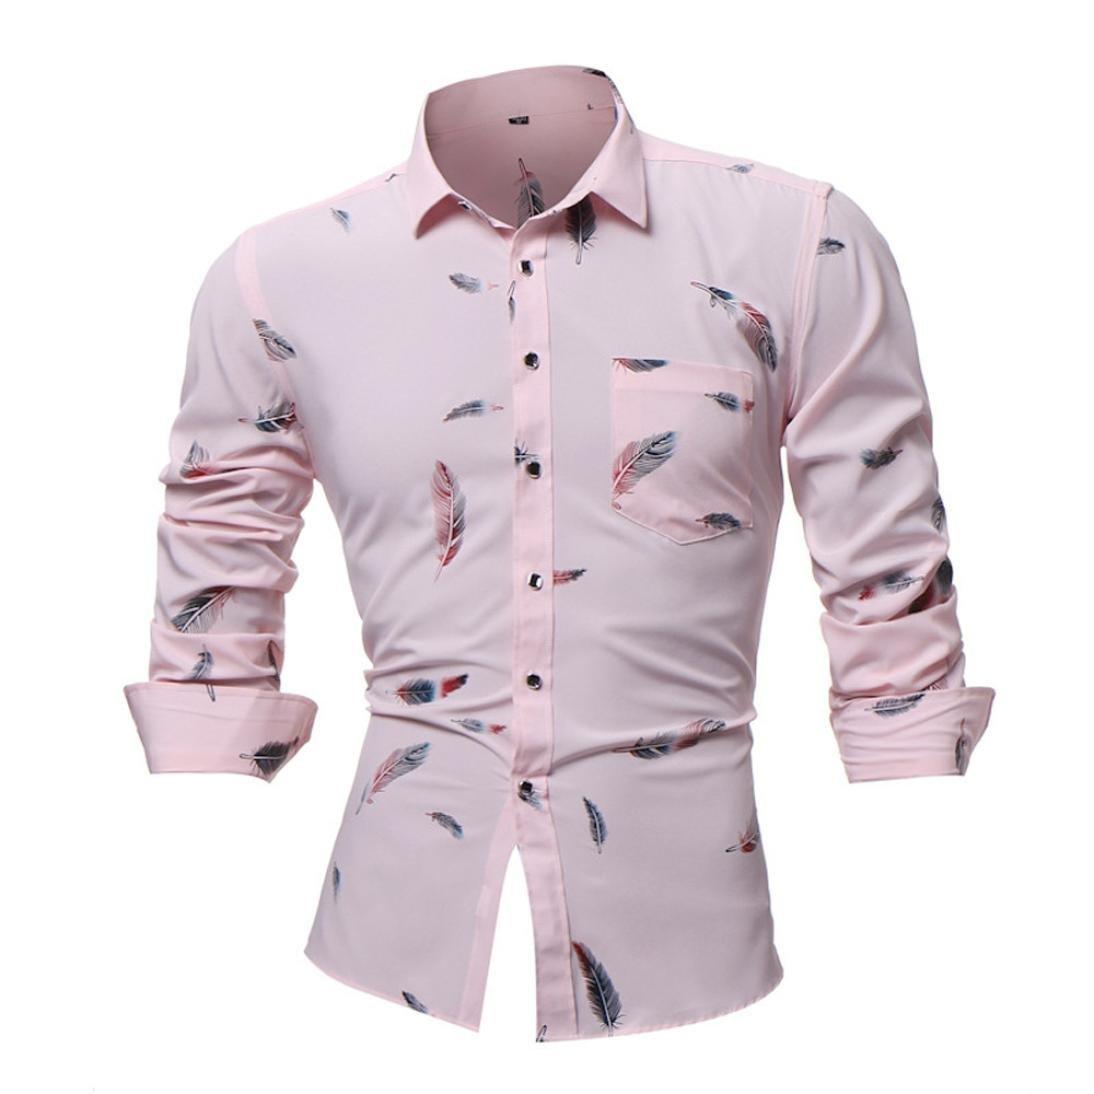 Men Dress Shirt Feather Print Busniess Long Sleeve Casual Button Shirt Blouse Zulmaliu (XL, Pink)